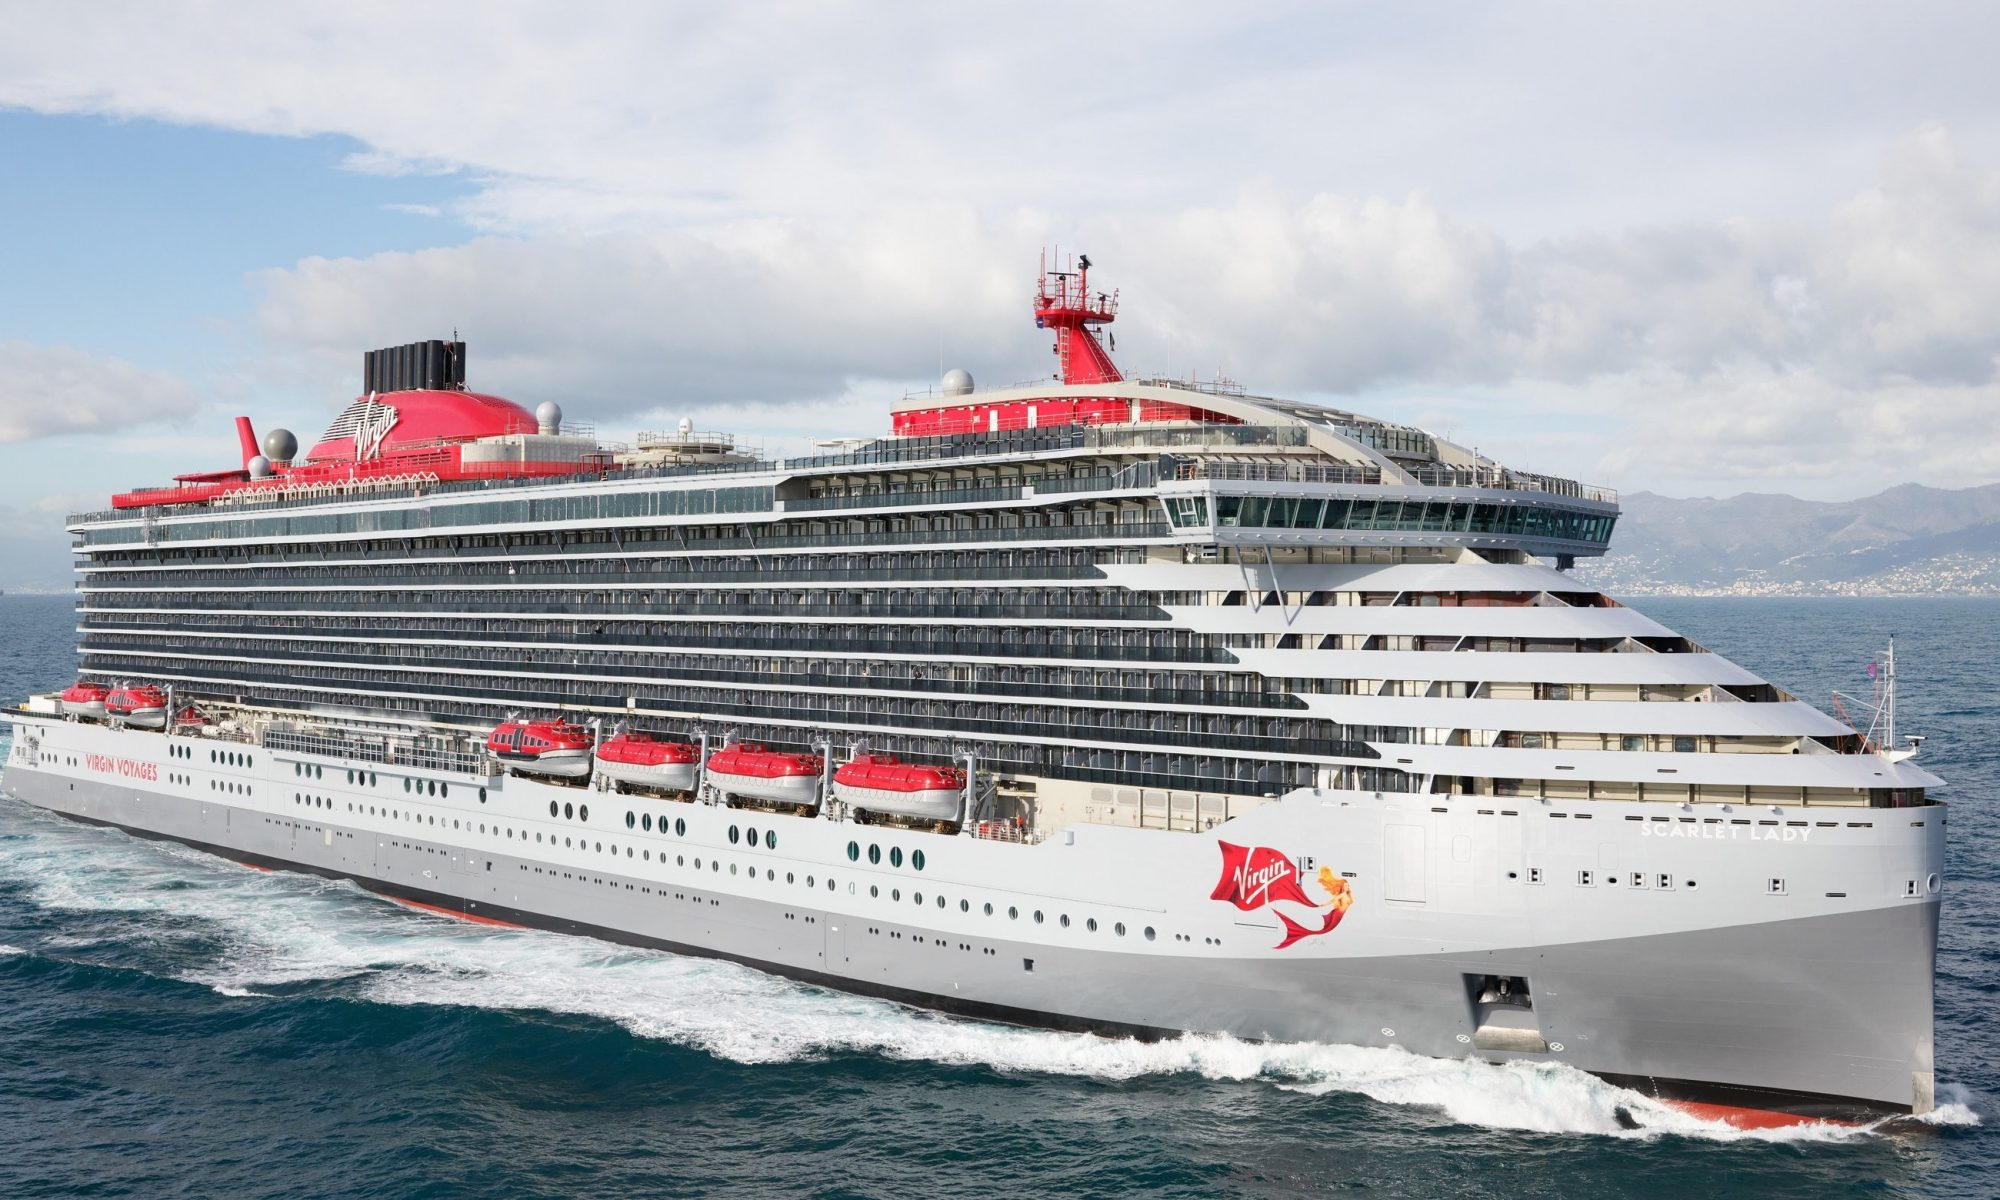 Foto: PR Newsfoto/Virgin Voyages